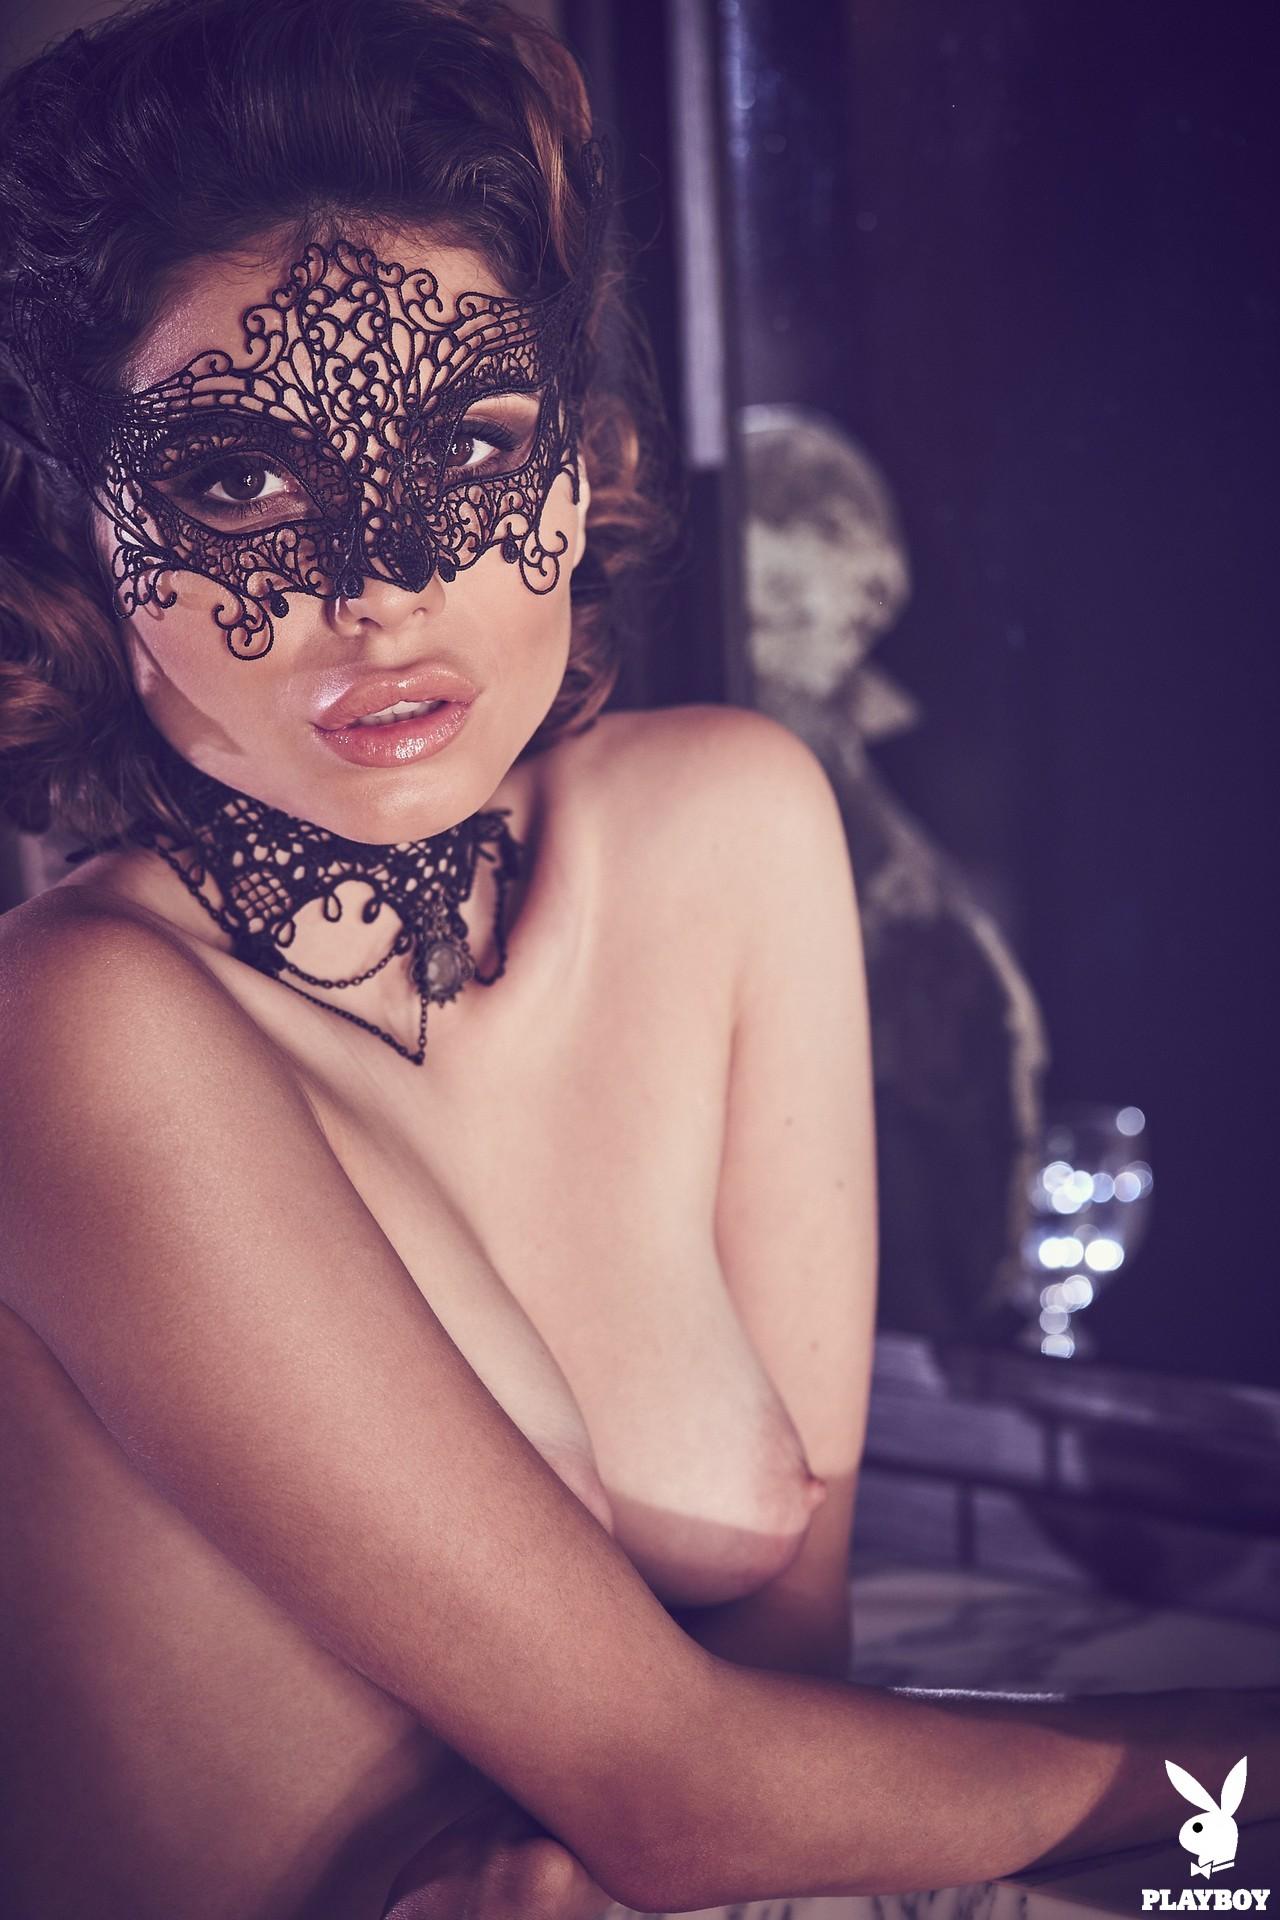 Chiara Arrighi in Playboy Germany Vol. 3 - Playboy Plus 3